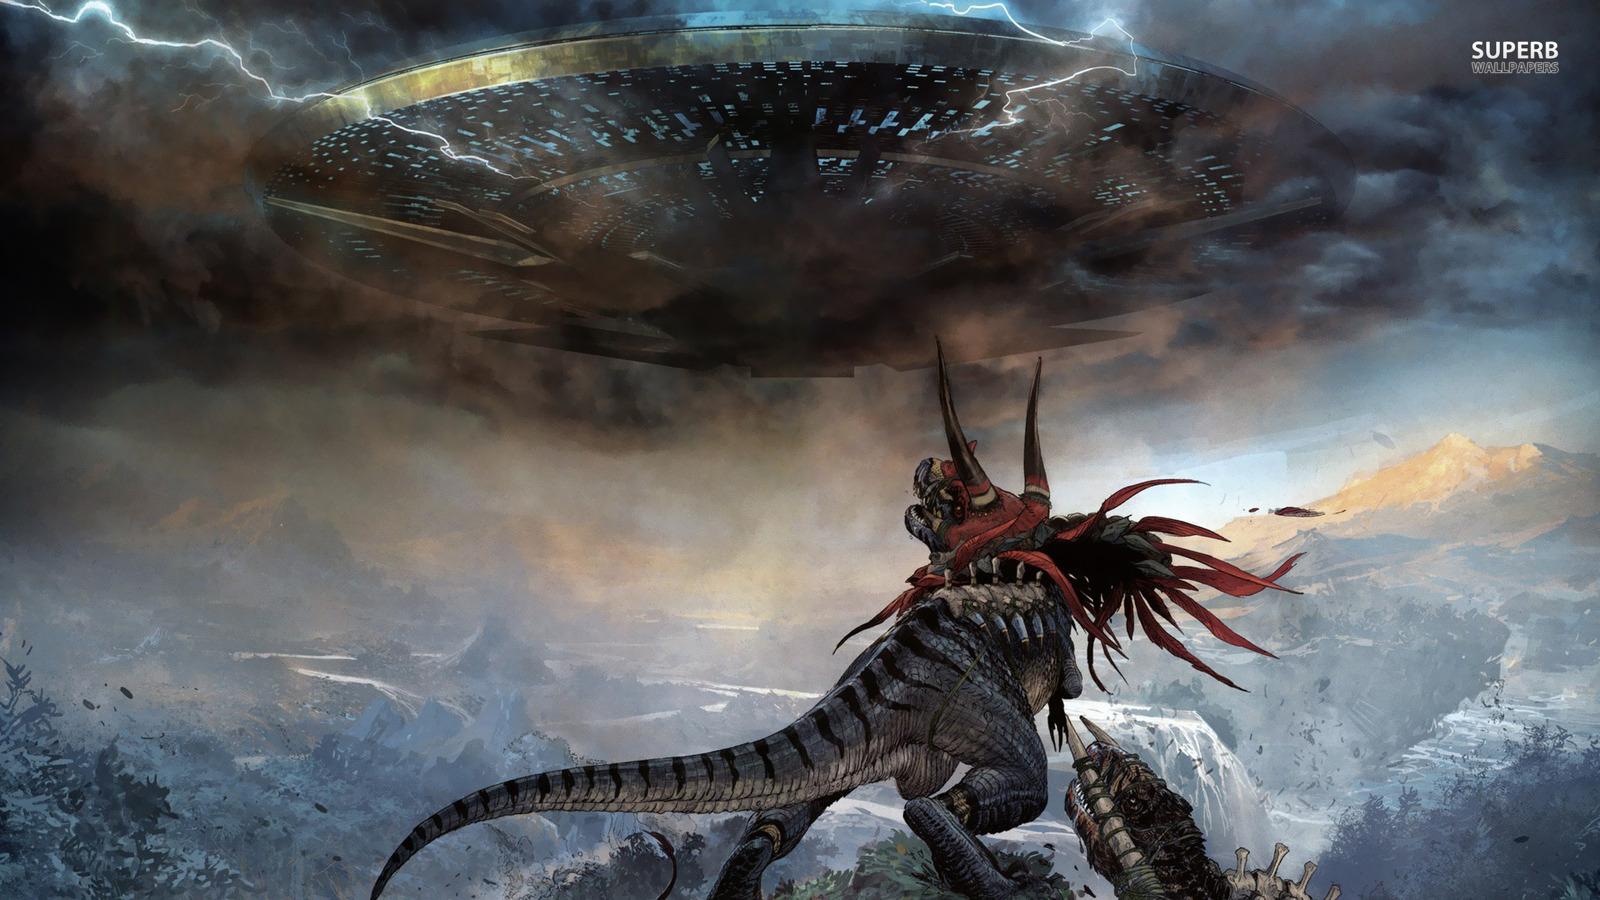 Dinosaur vs. Spaceship!